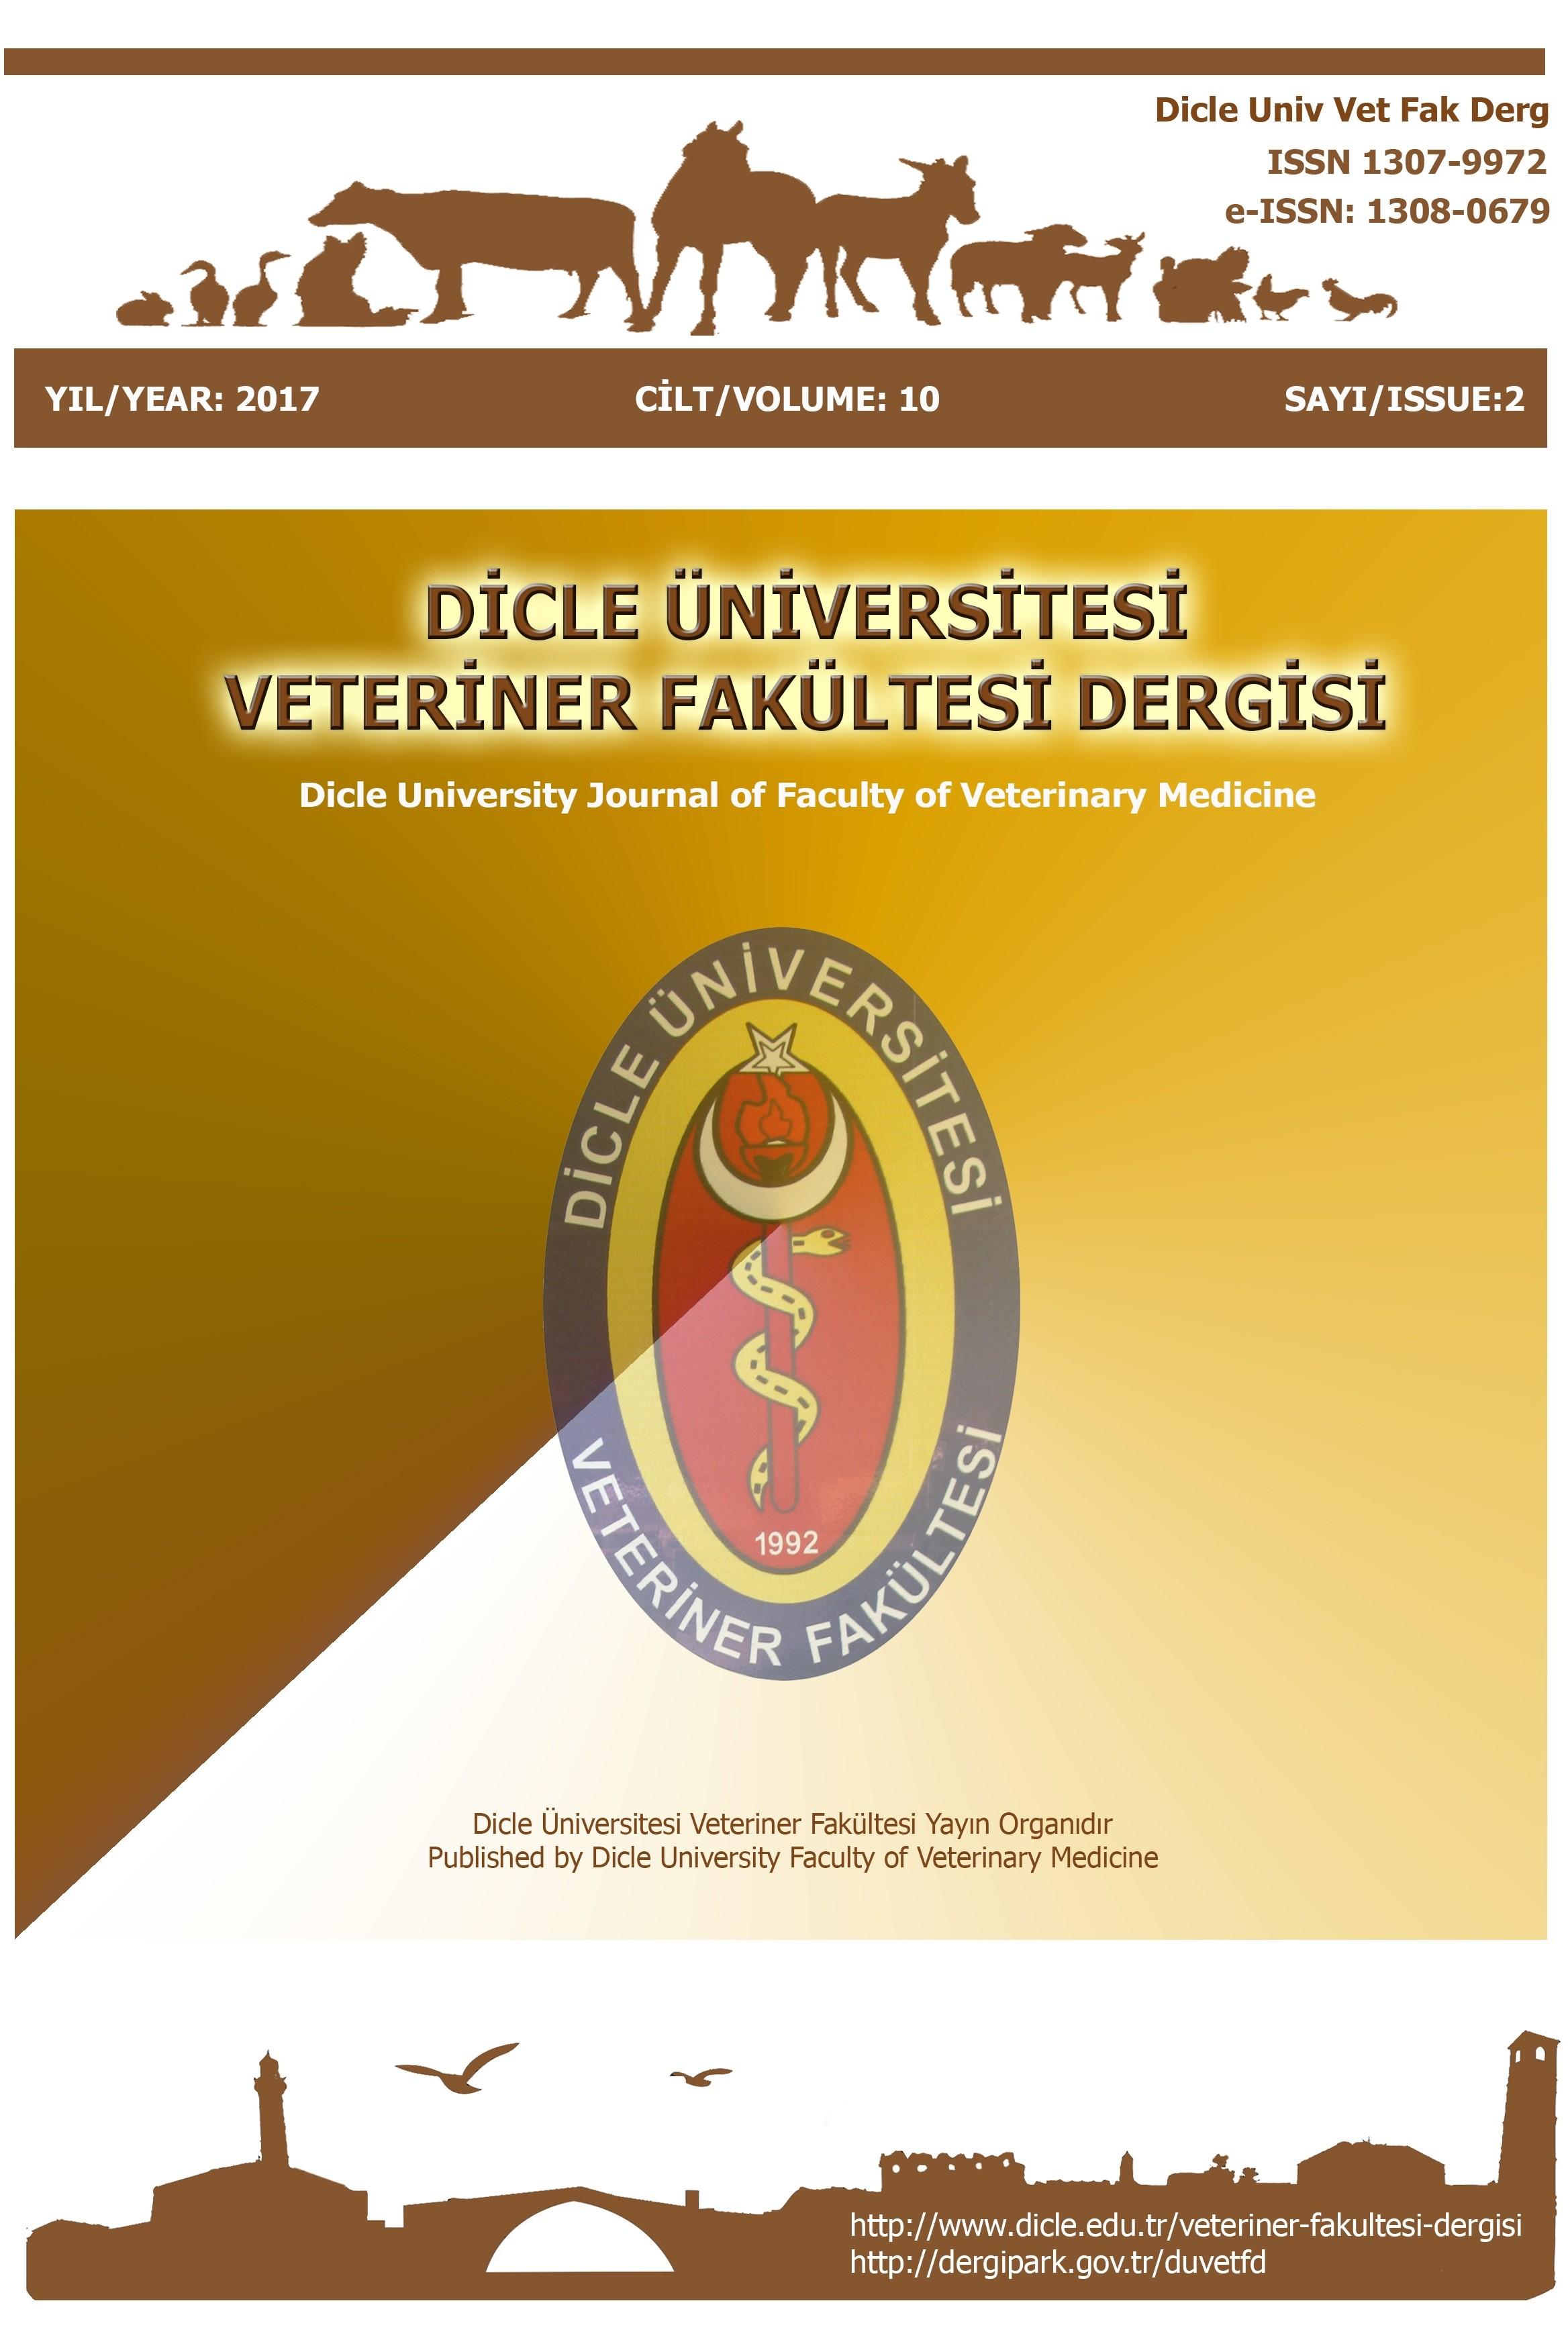 Dicle Üniversitesi Veteriner Fakültesi Dergisi